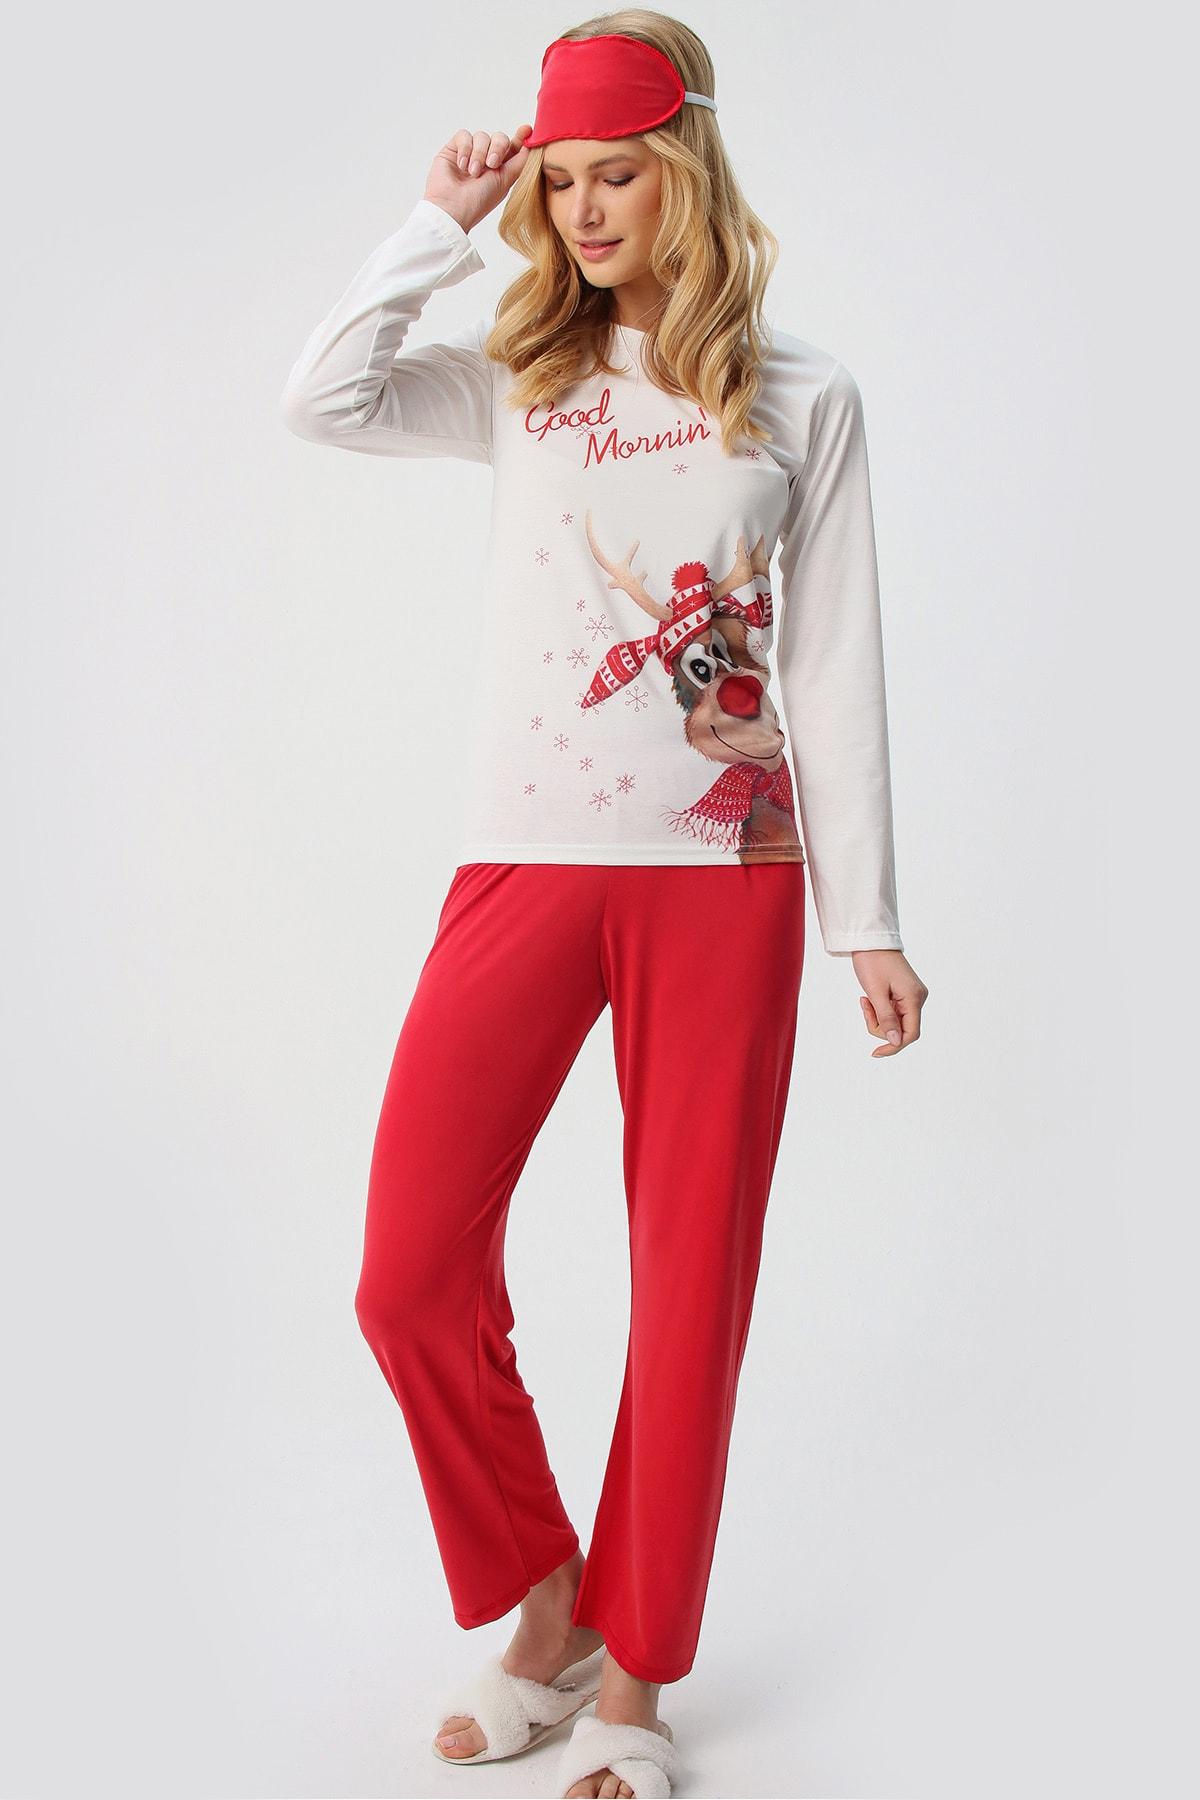 Trend Alaçatı Stili Kadın Beyaz Uyku Bantlı Bisiklet Yaka Geyik Baskılı Pijama Takım ALC-X5541 2